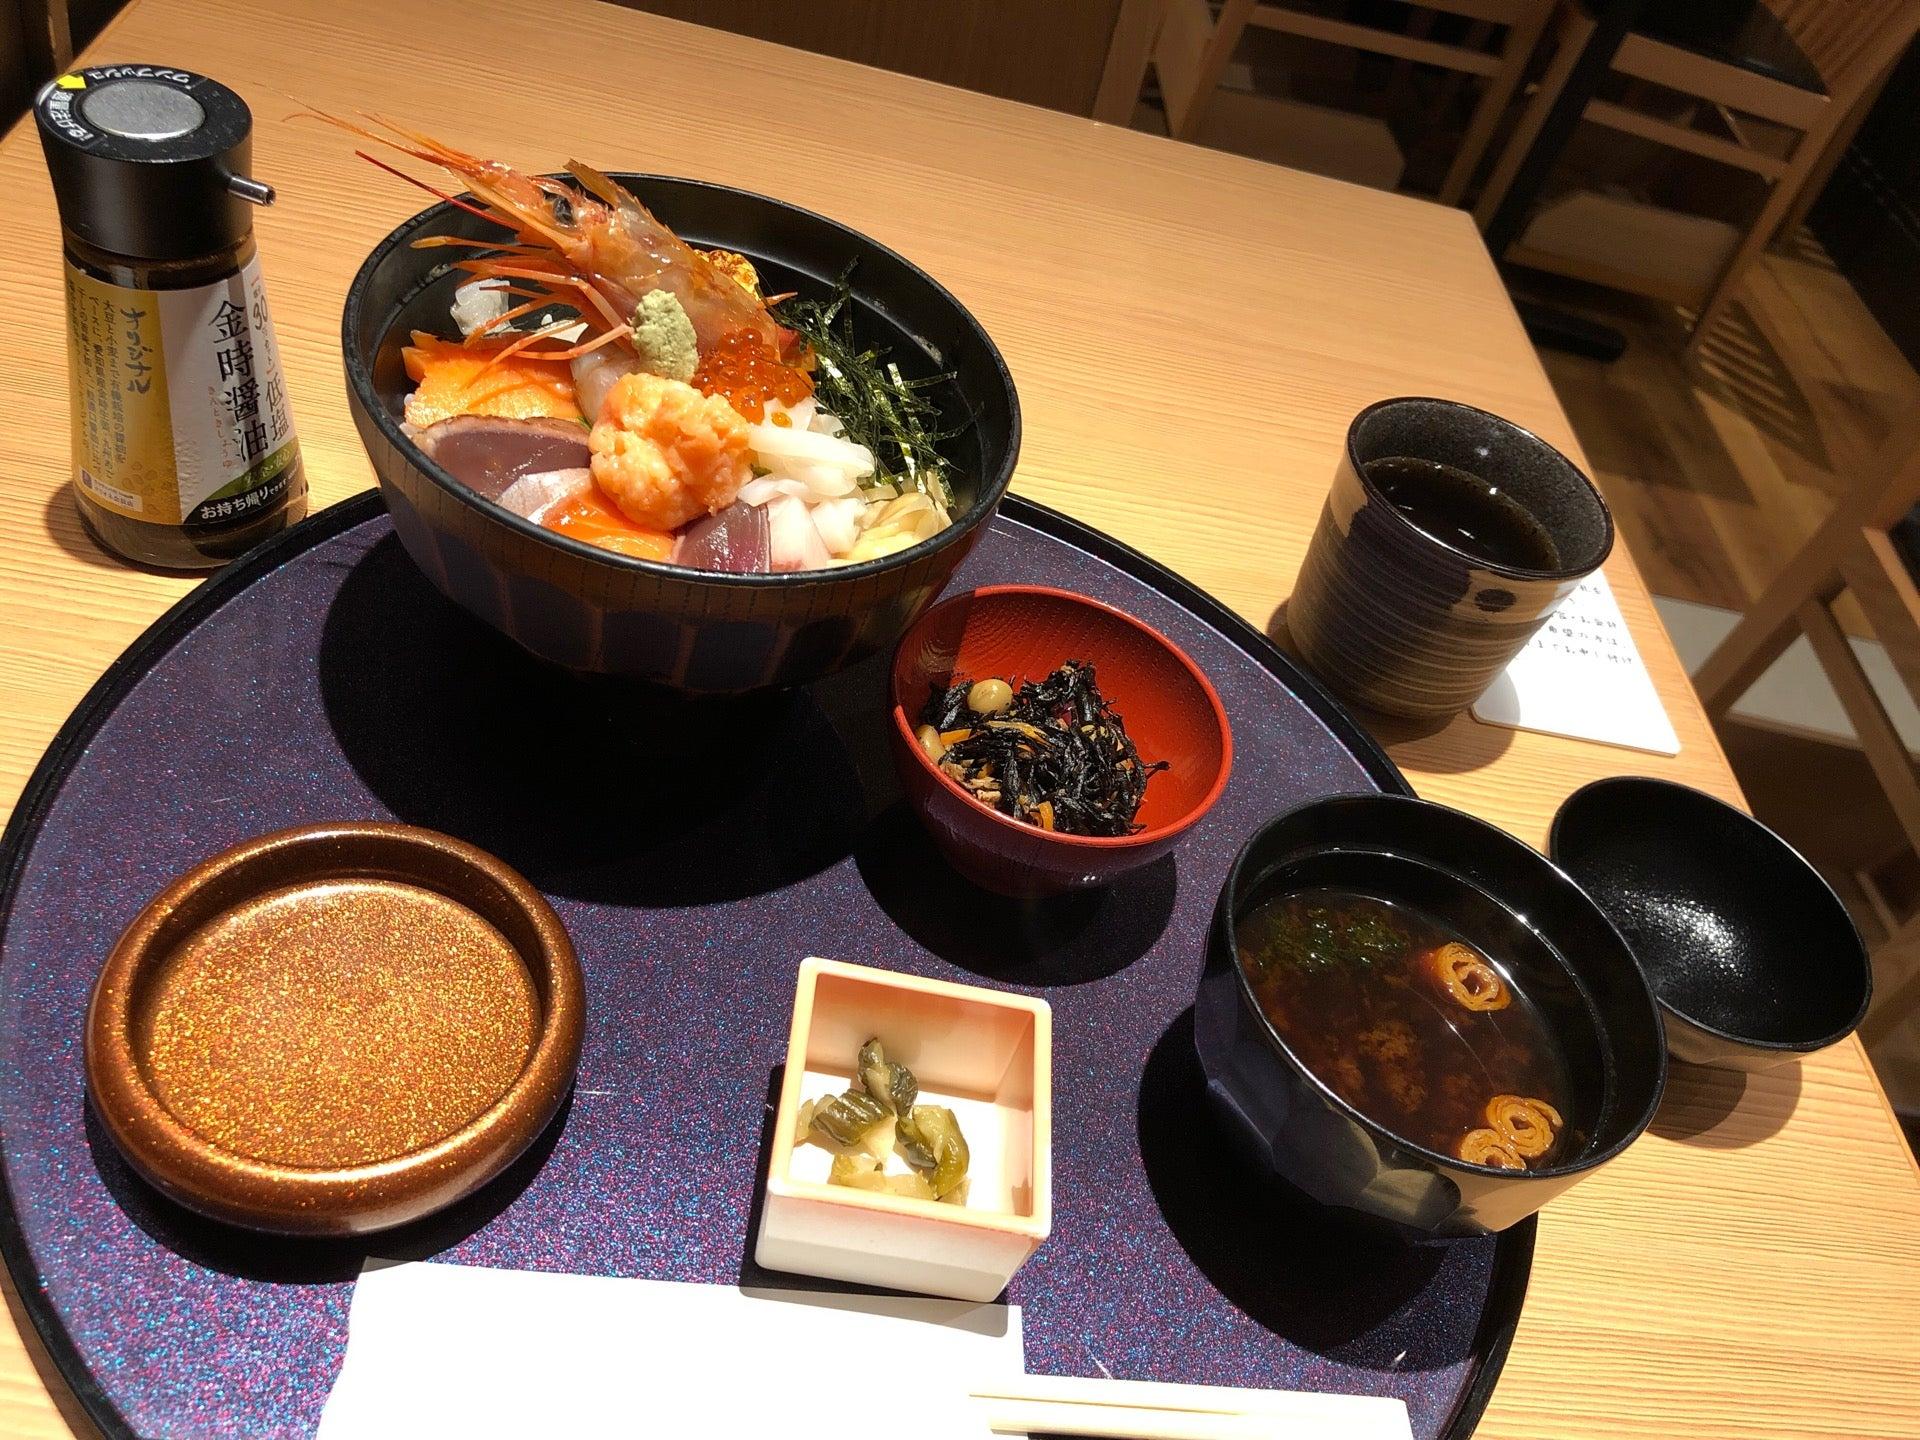 いろどり海鮮丼。ワサビ醤油の皿がキンキラキン( ゚∀゚) (@ 和食バル 音音 名古屋JRゲートタワー店 - @oto_nagoya in 名古屋市, 愛知県) https://t.co/y9ou72kcHF https://t.co/pW1oYPBz2X